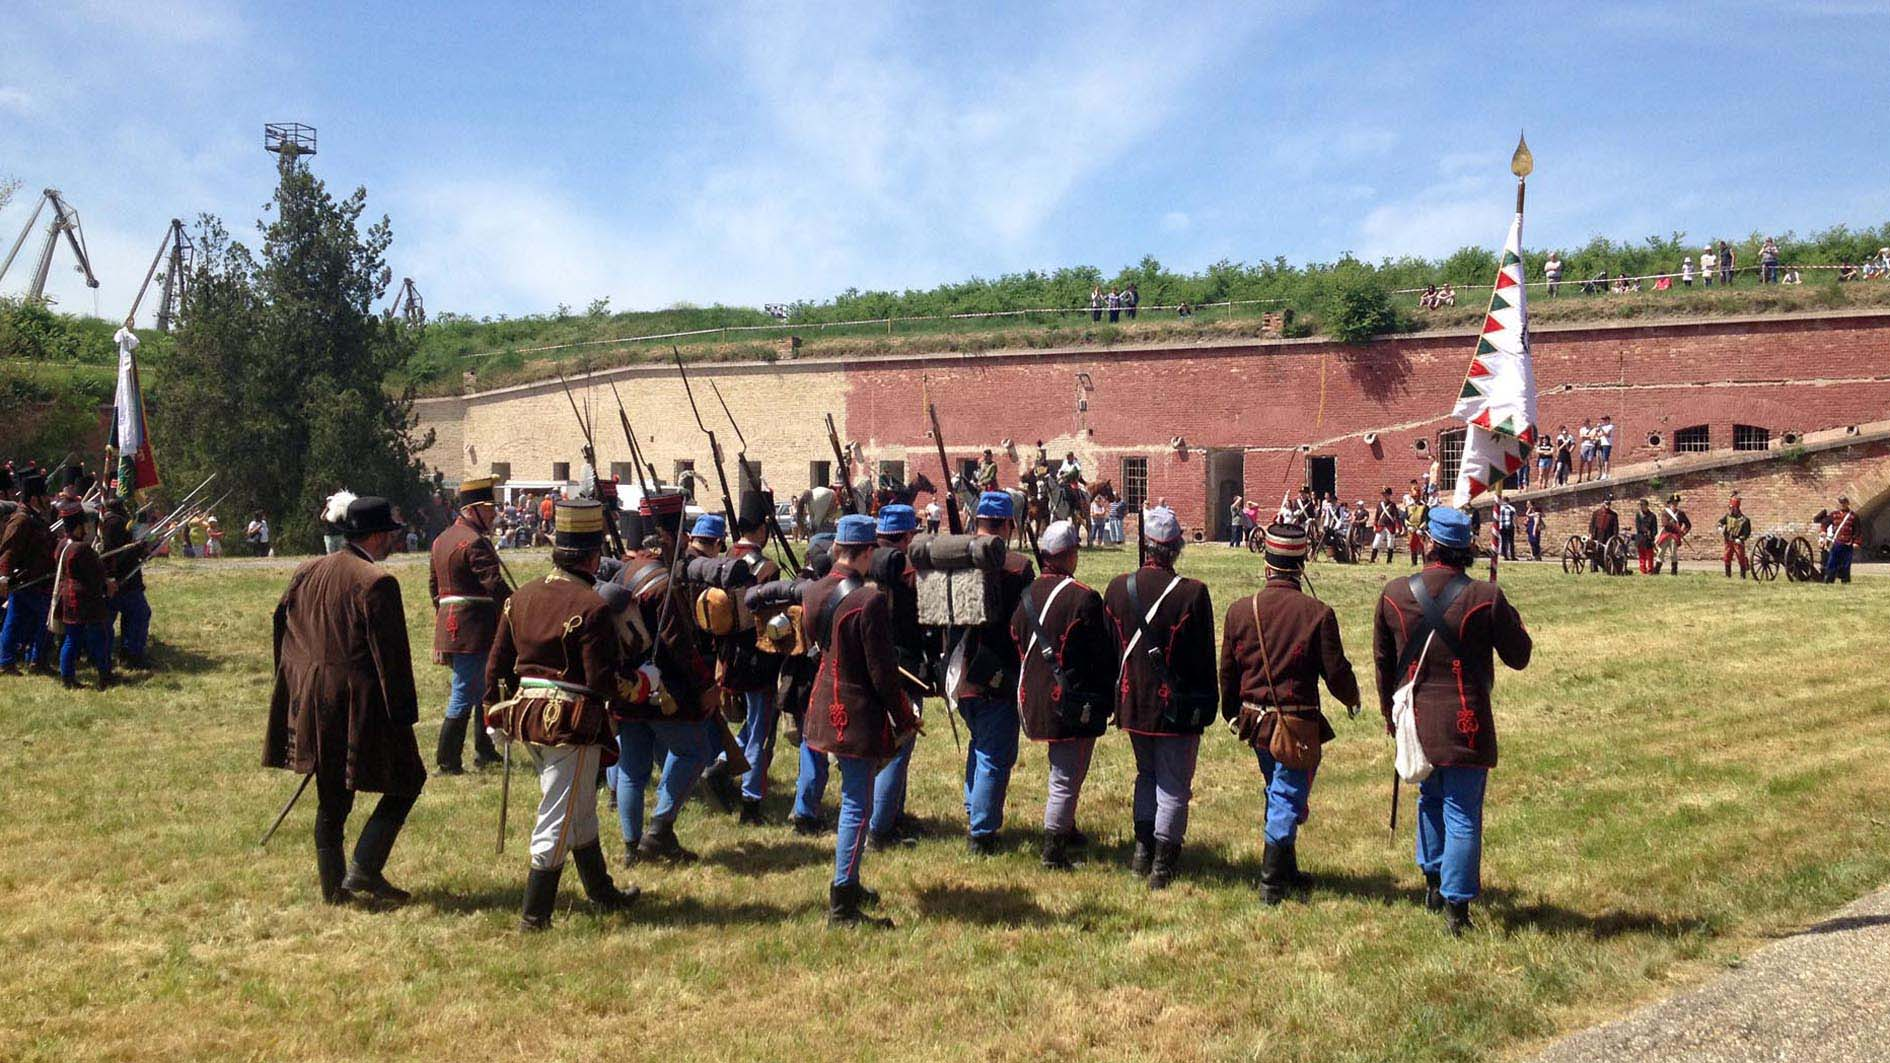 Komárom Öreg-vár csatabemutató (fotó: Ludovit Gráfel)